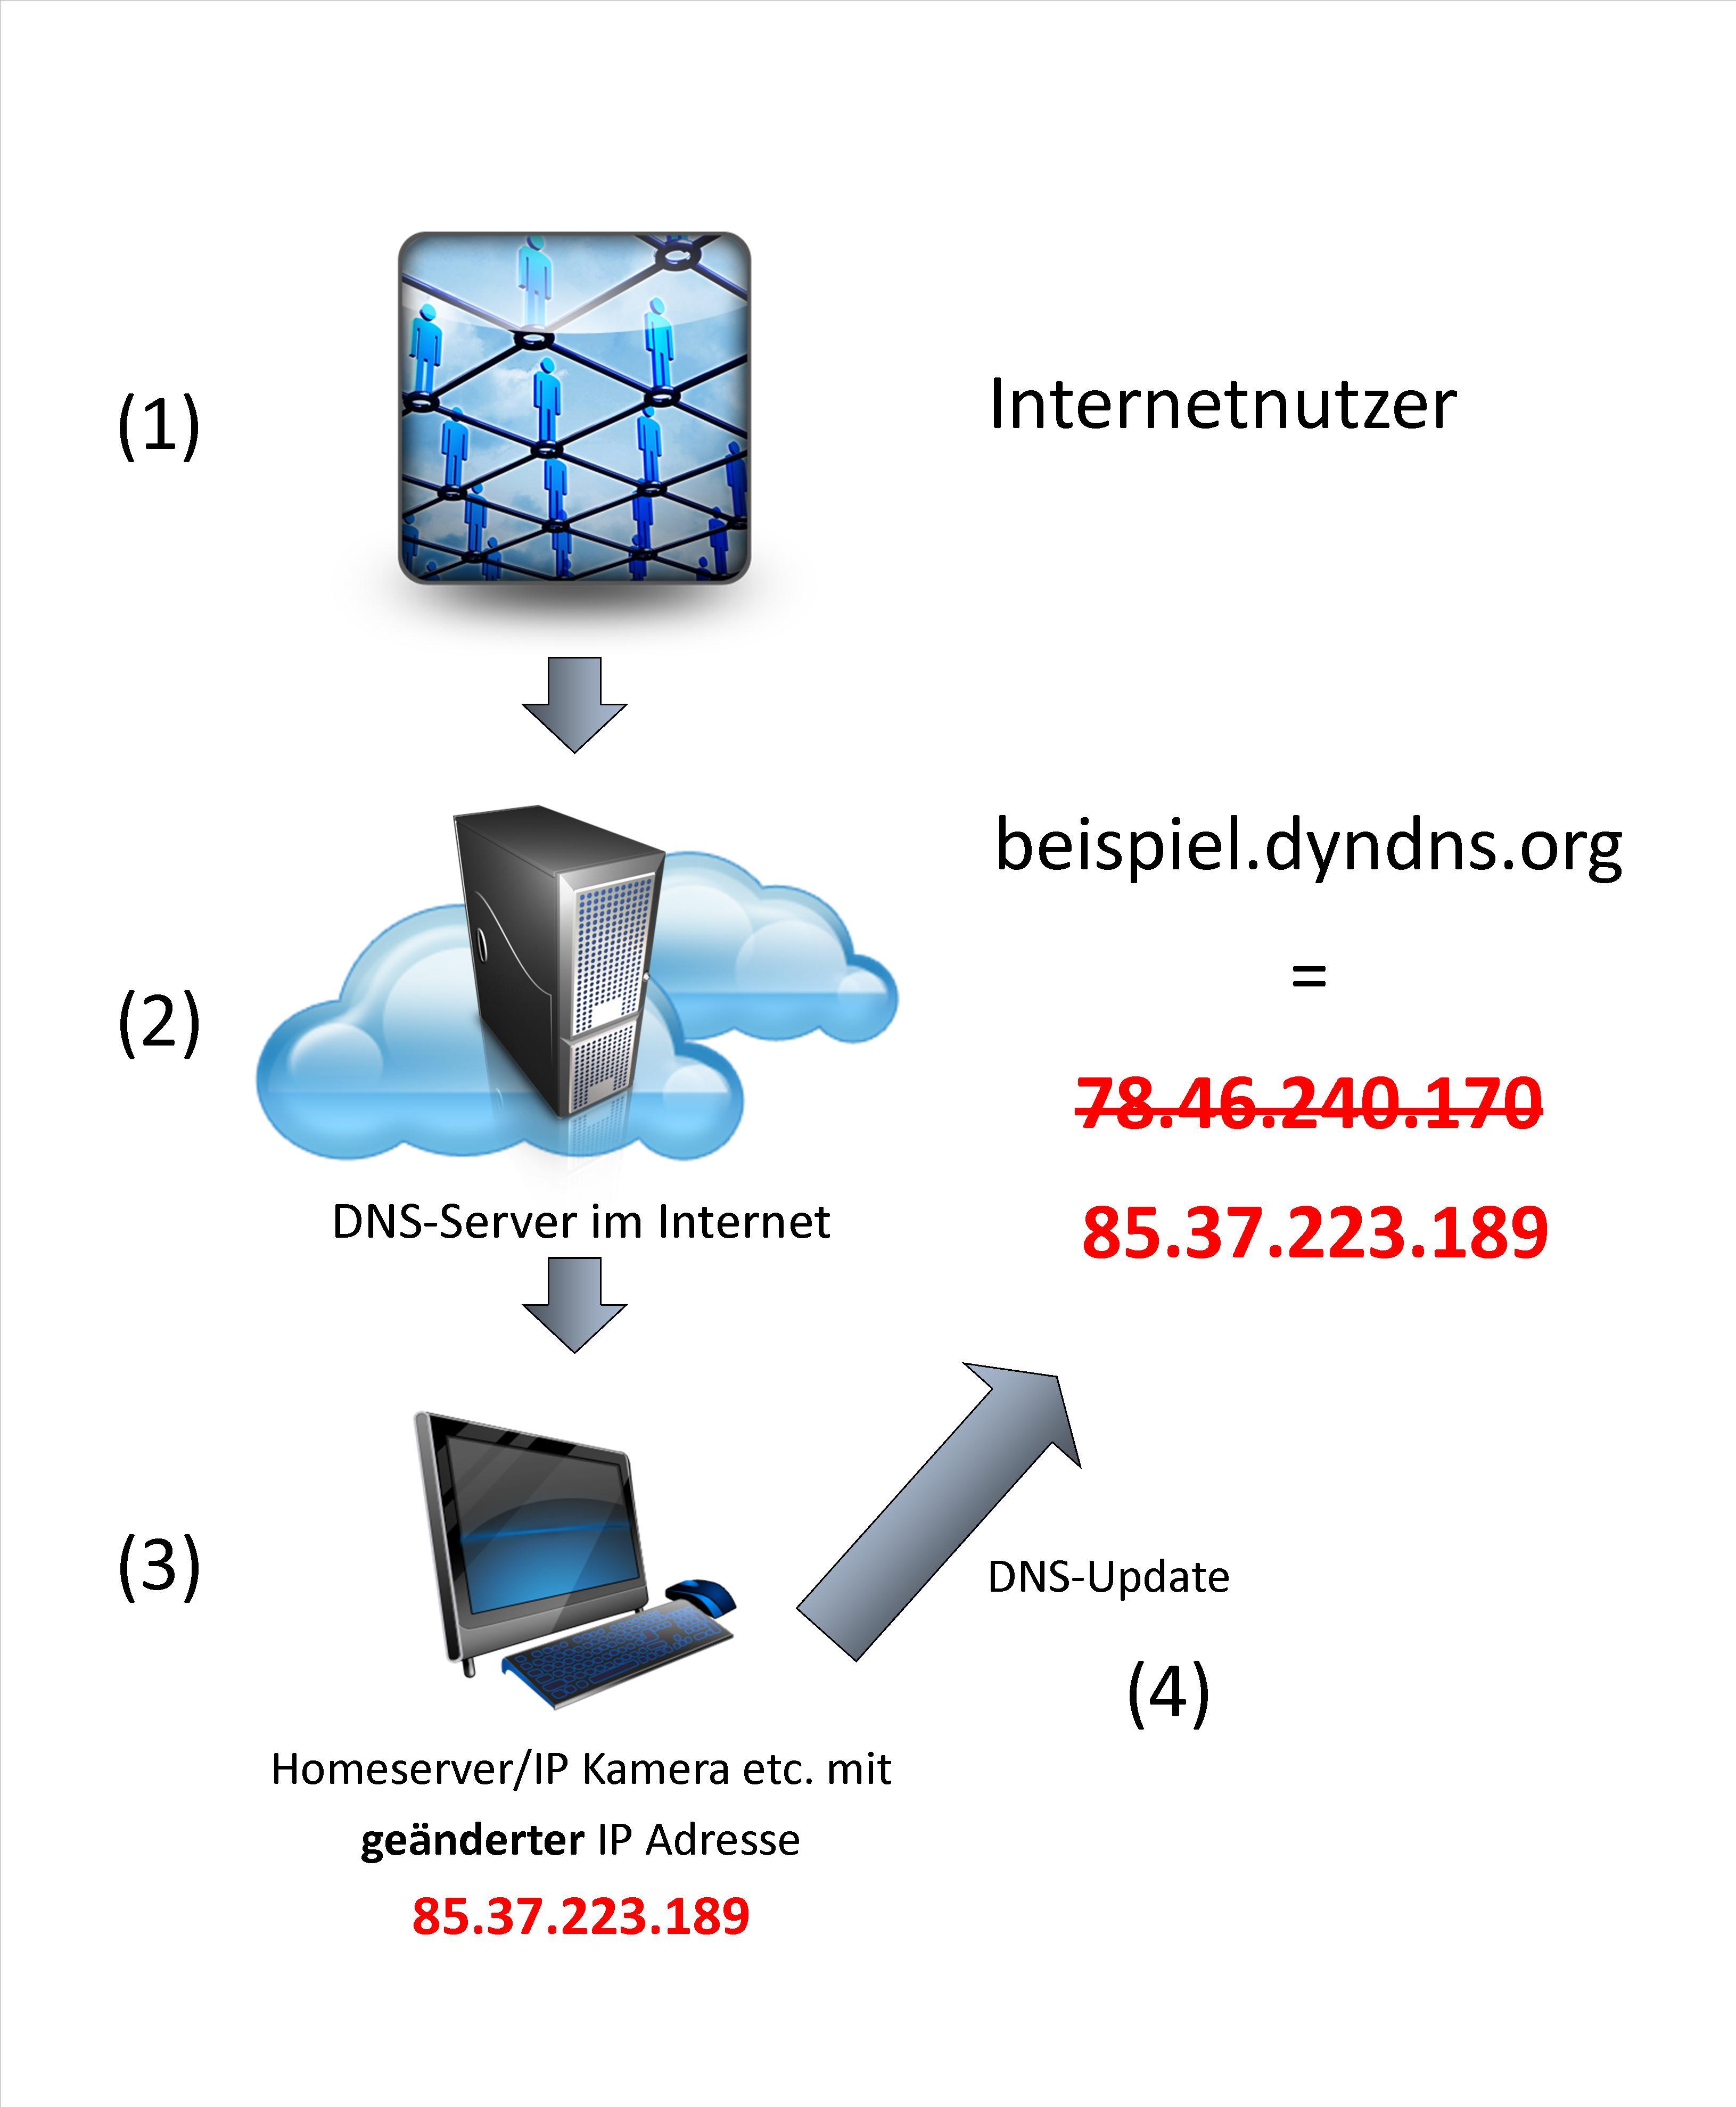 03-DynDNS-funktionsweise-DynDNS-470.jpg?nocache=1315487143762